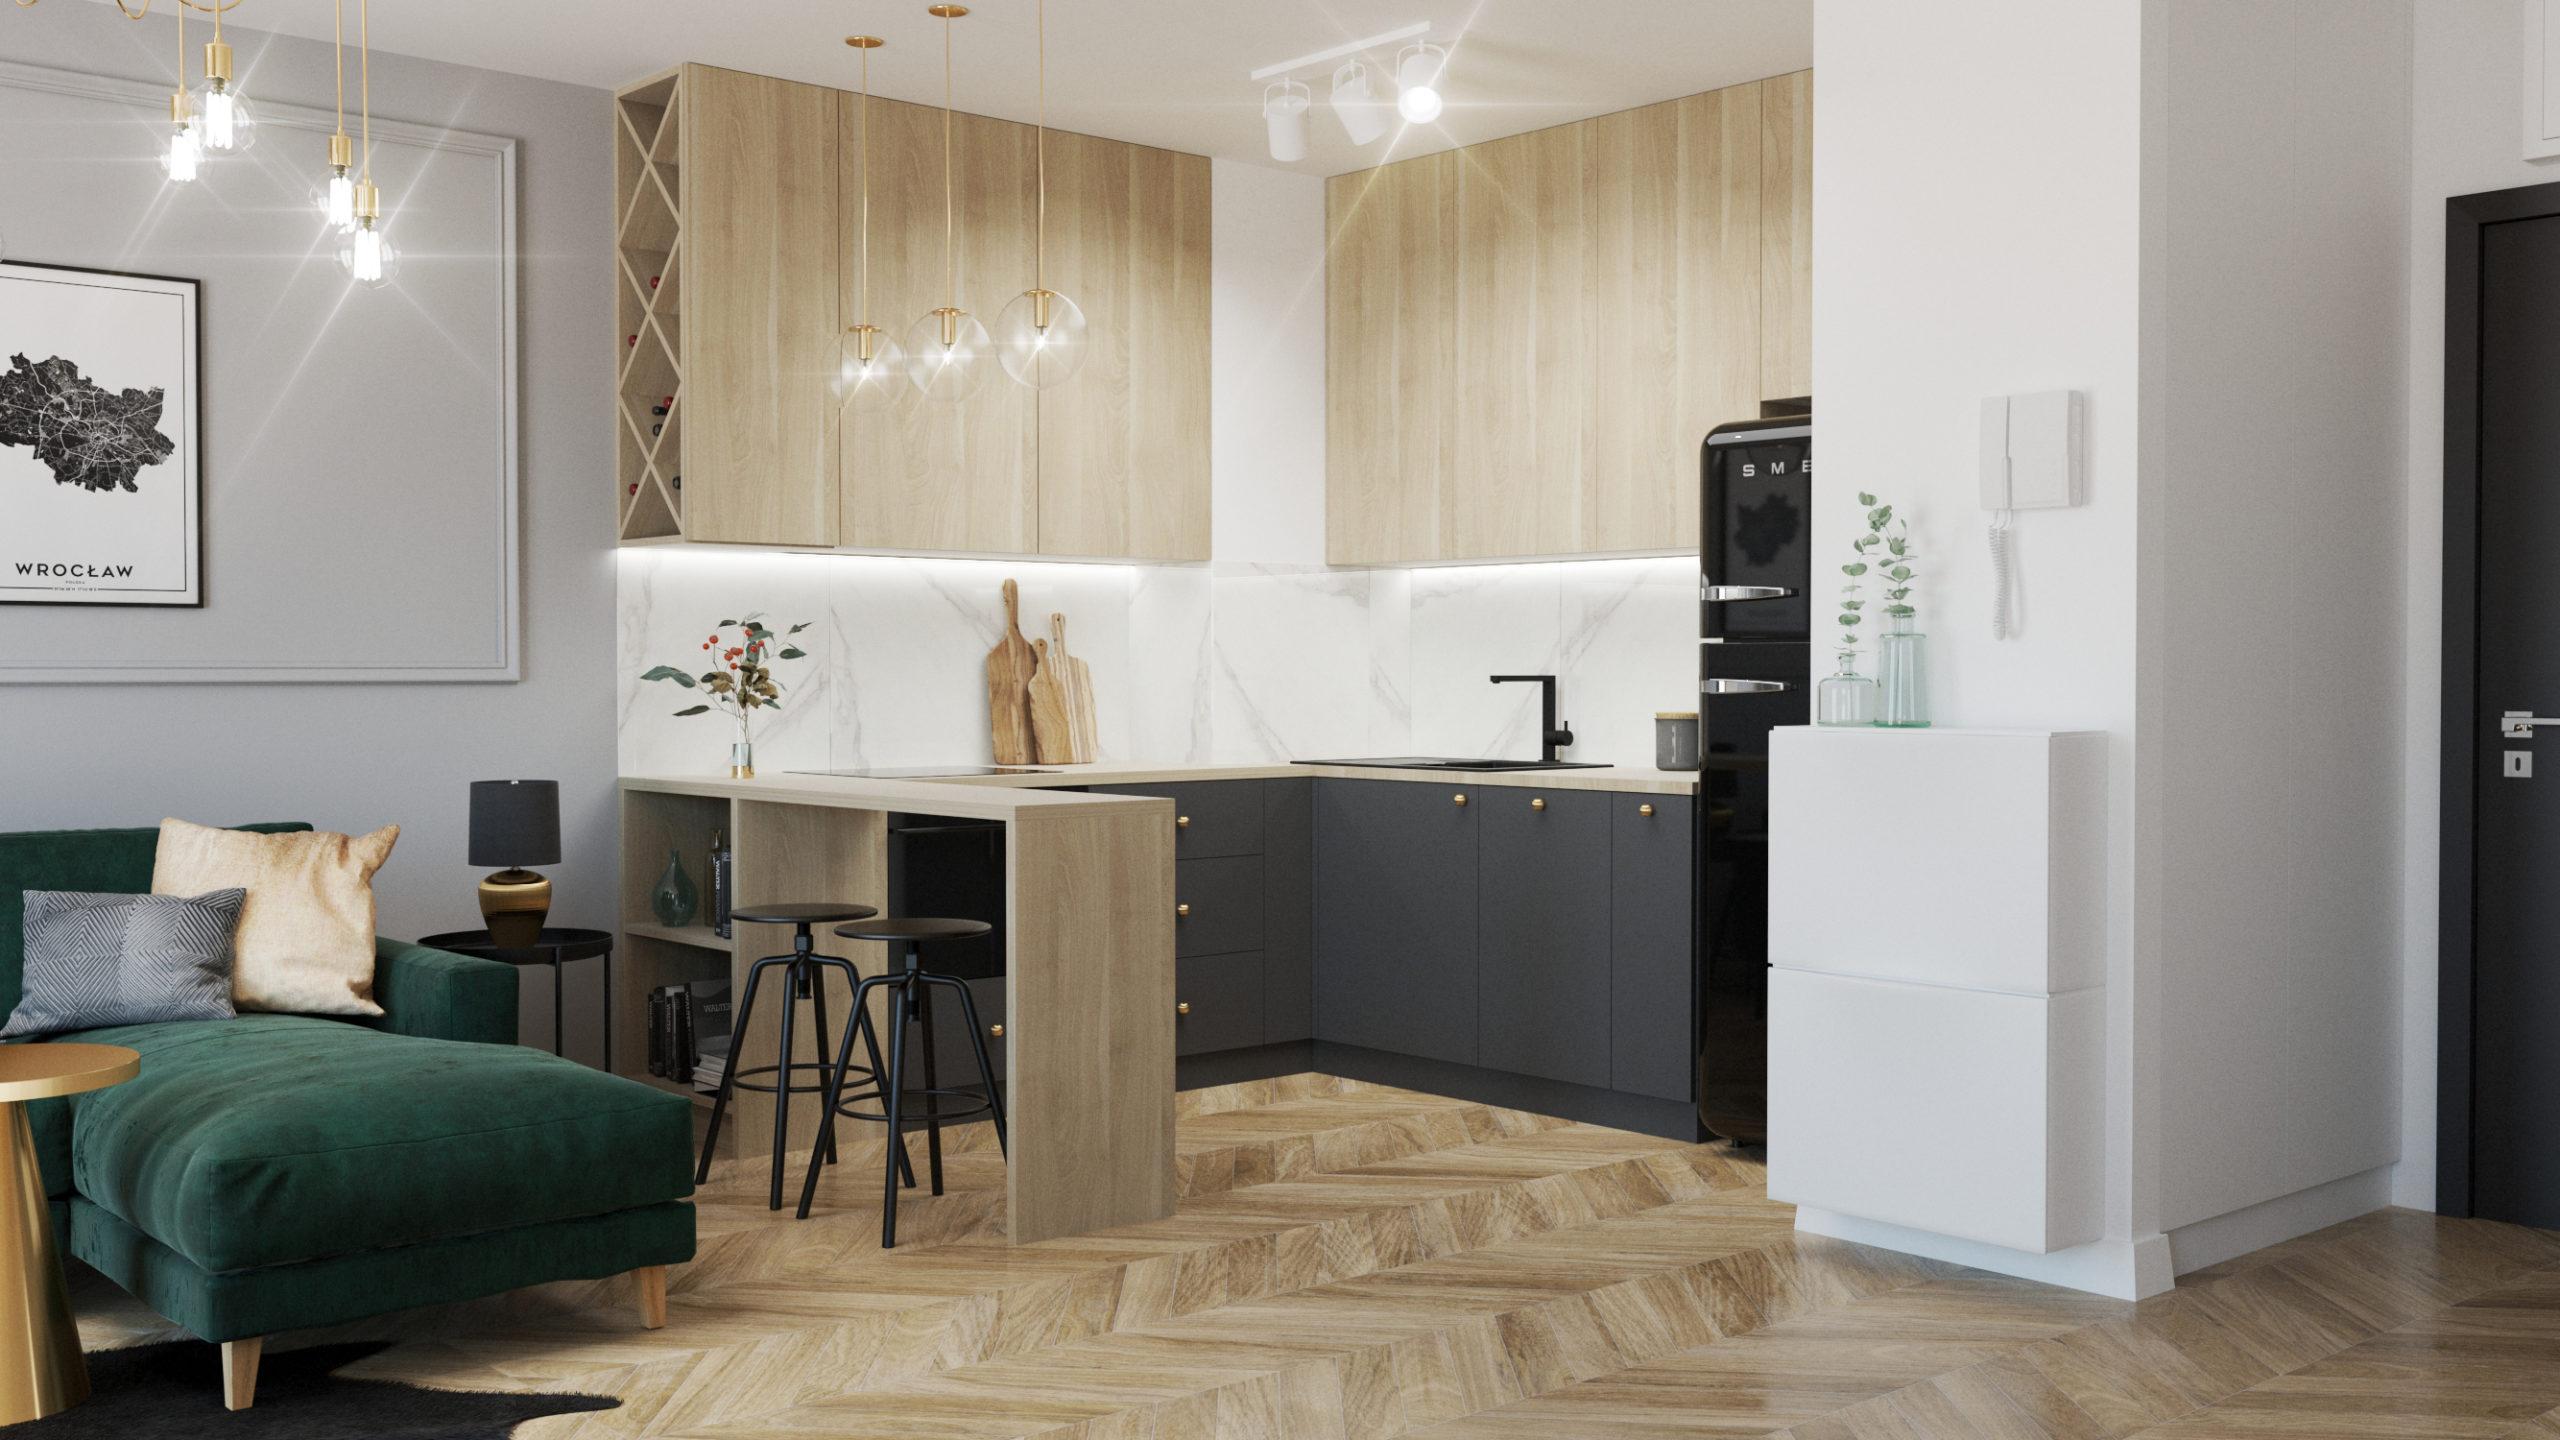 maly stół, salon z jadalnią, zielone dodatki, szafa z siedziskiem